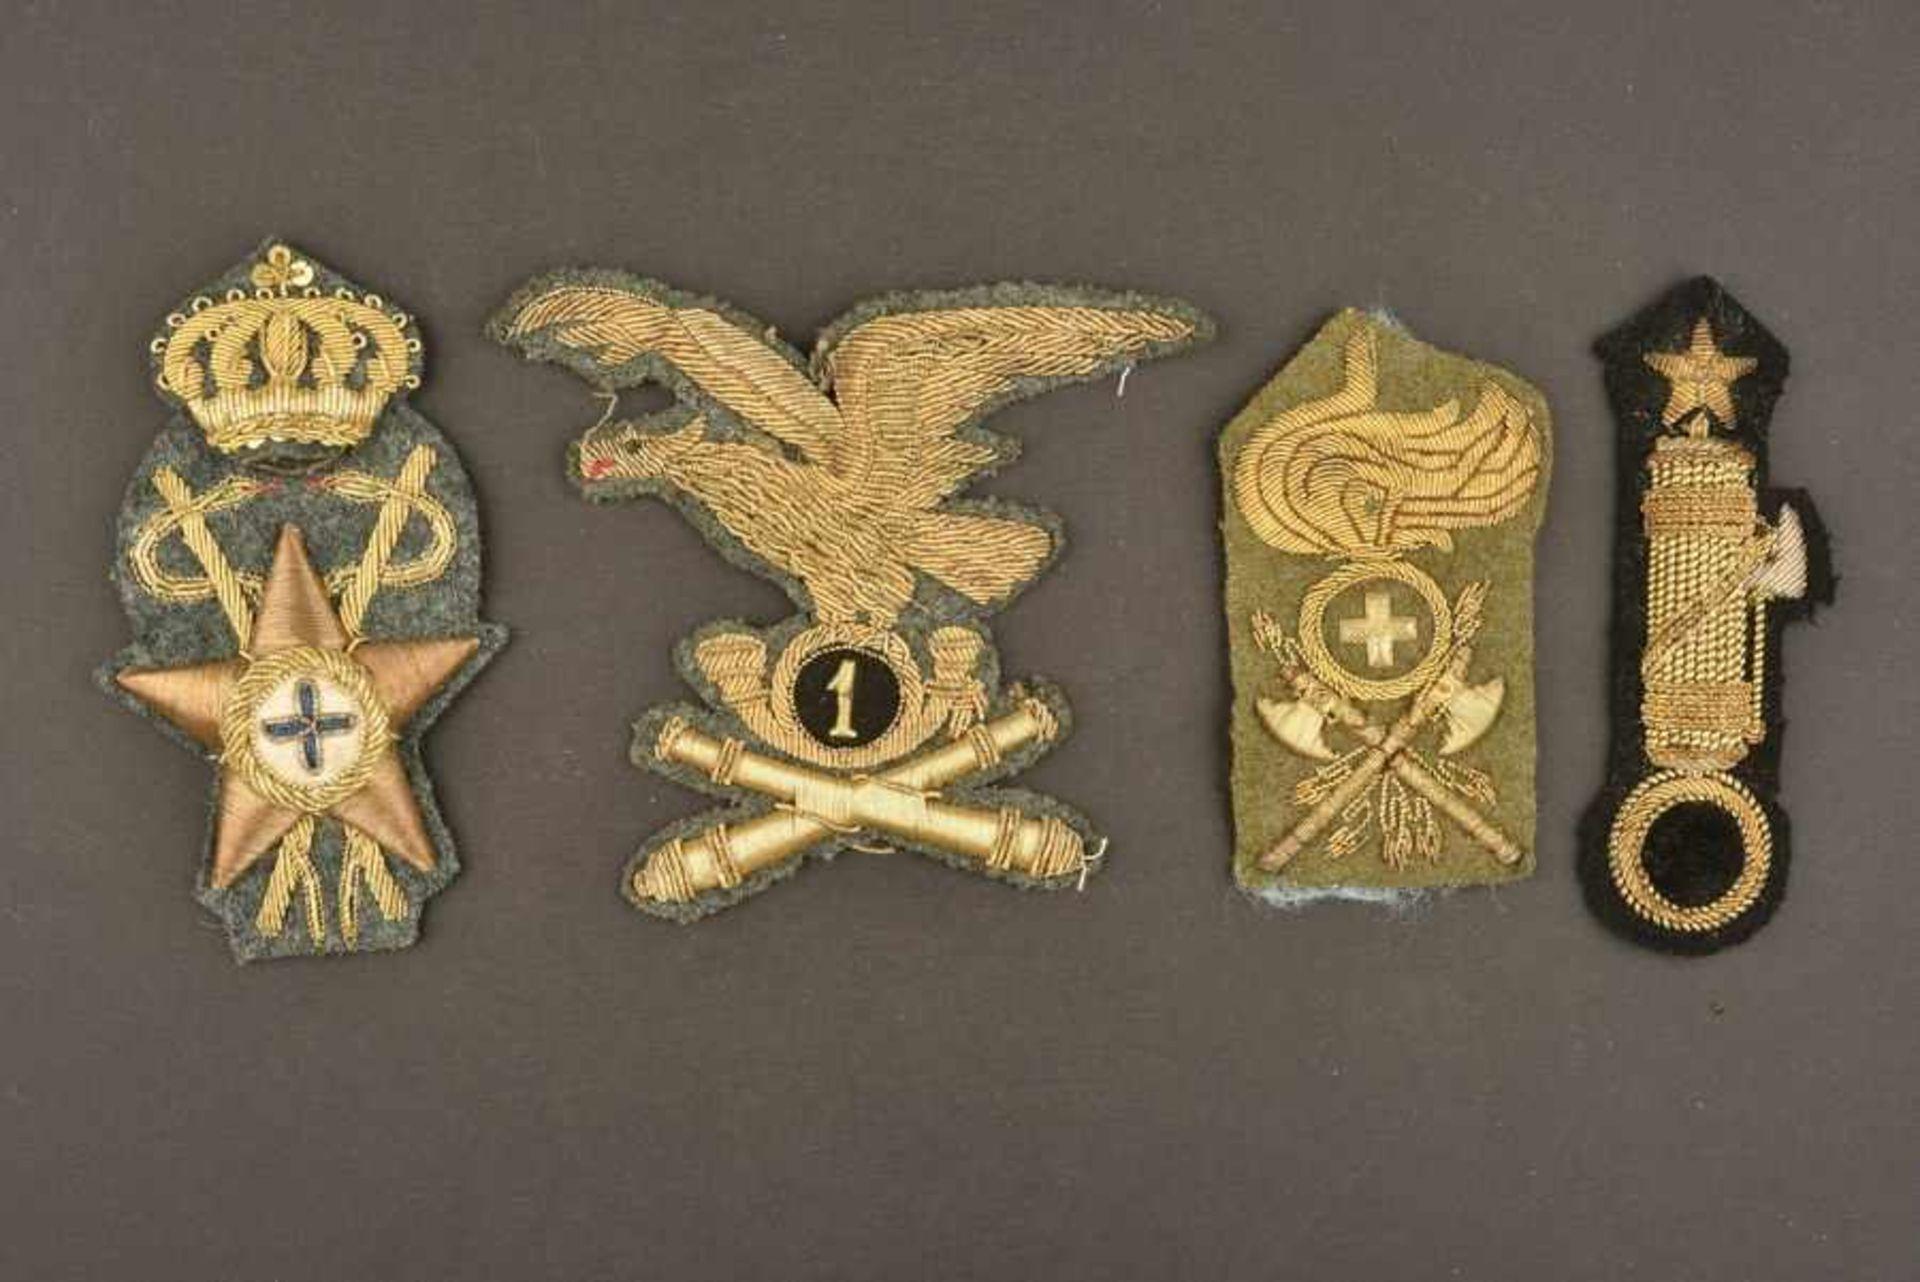 Ensemble de 4 insignes de coiffures d'officiers de l'armée royale italienneen fils d'or brodés